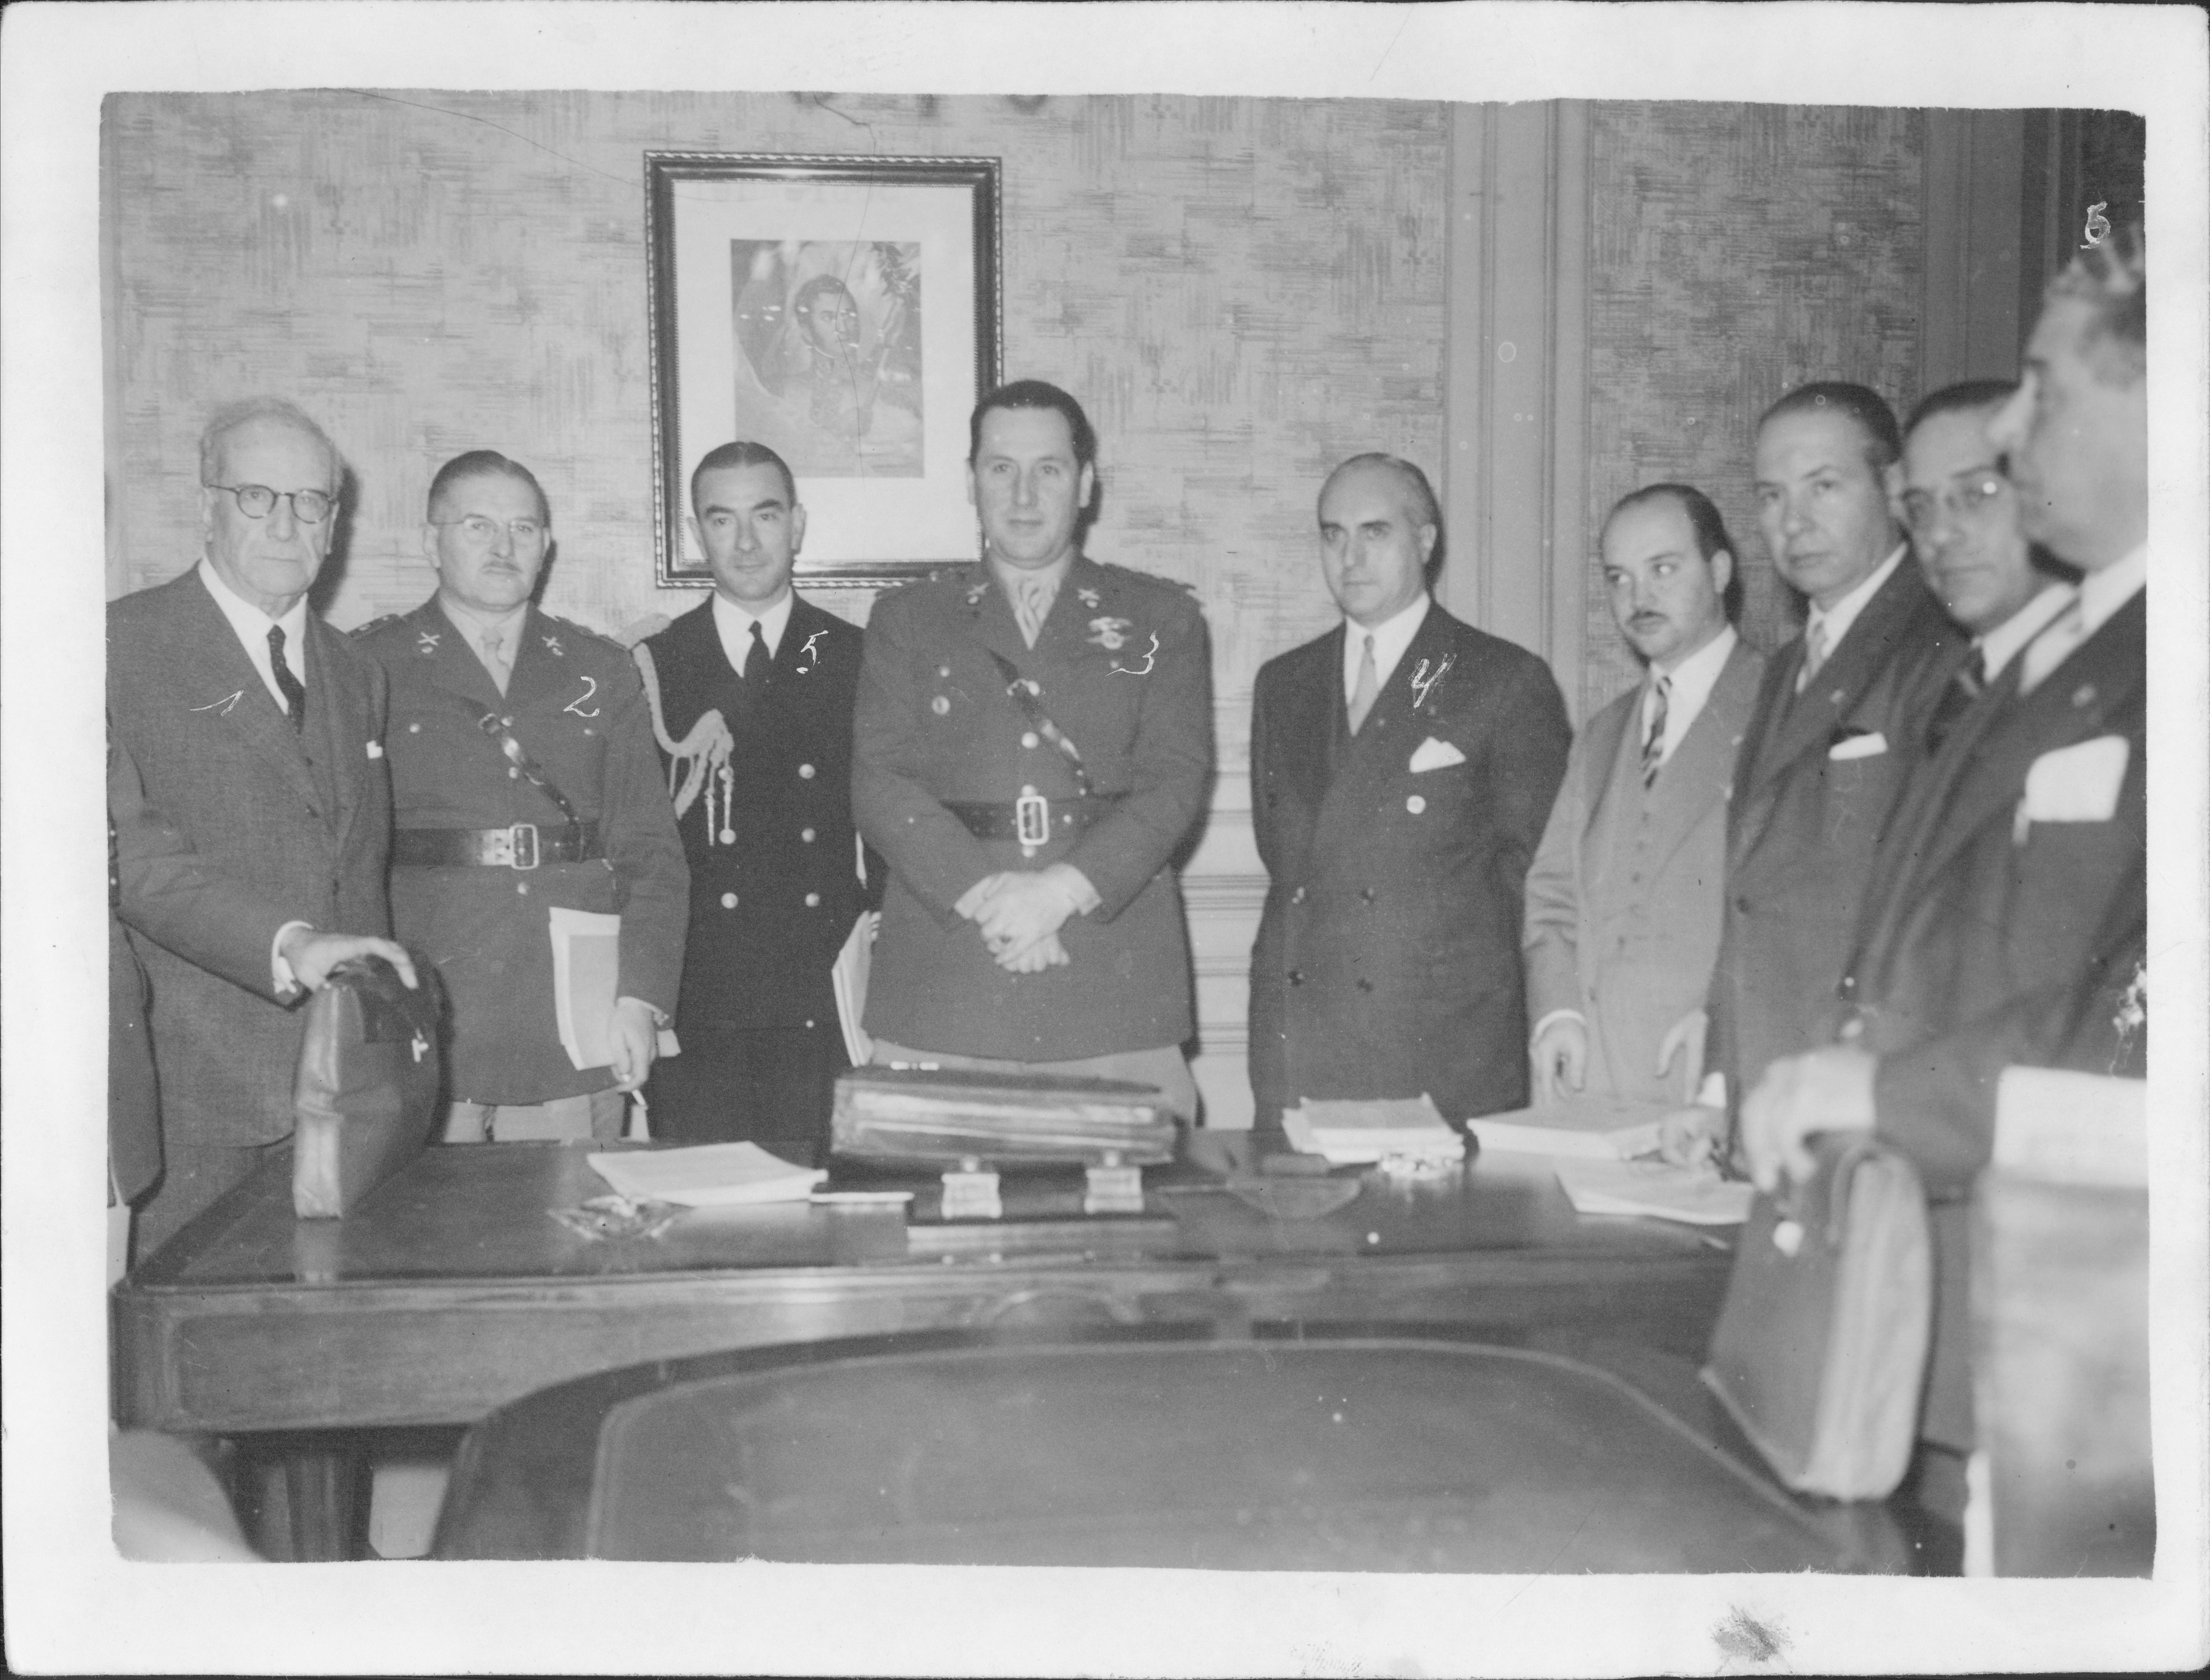 Planificar la argentina justa, libre y soberana. El Consejo Nacional de Posguerra (1944-1946), de Gustavo J. de la Vega